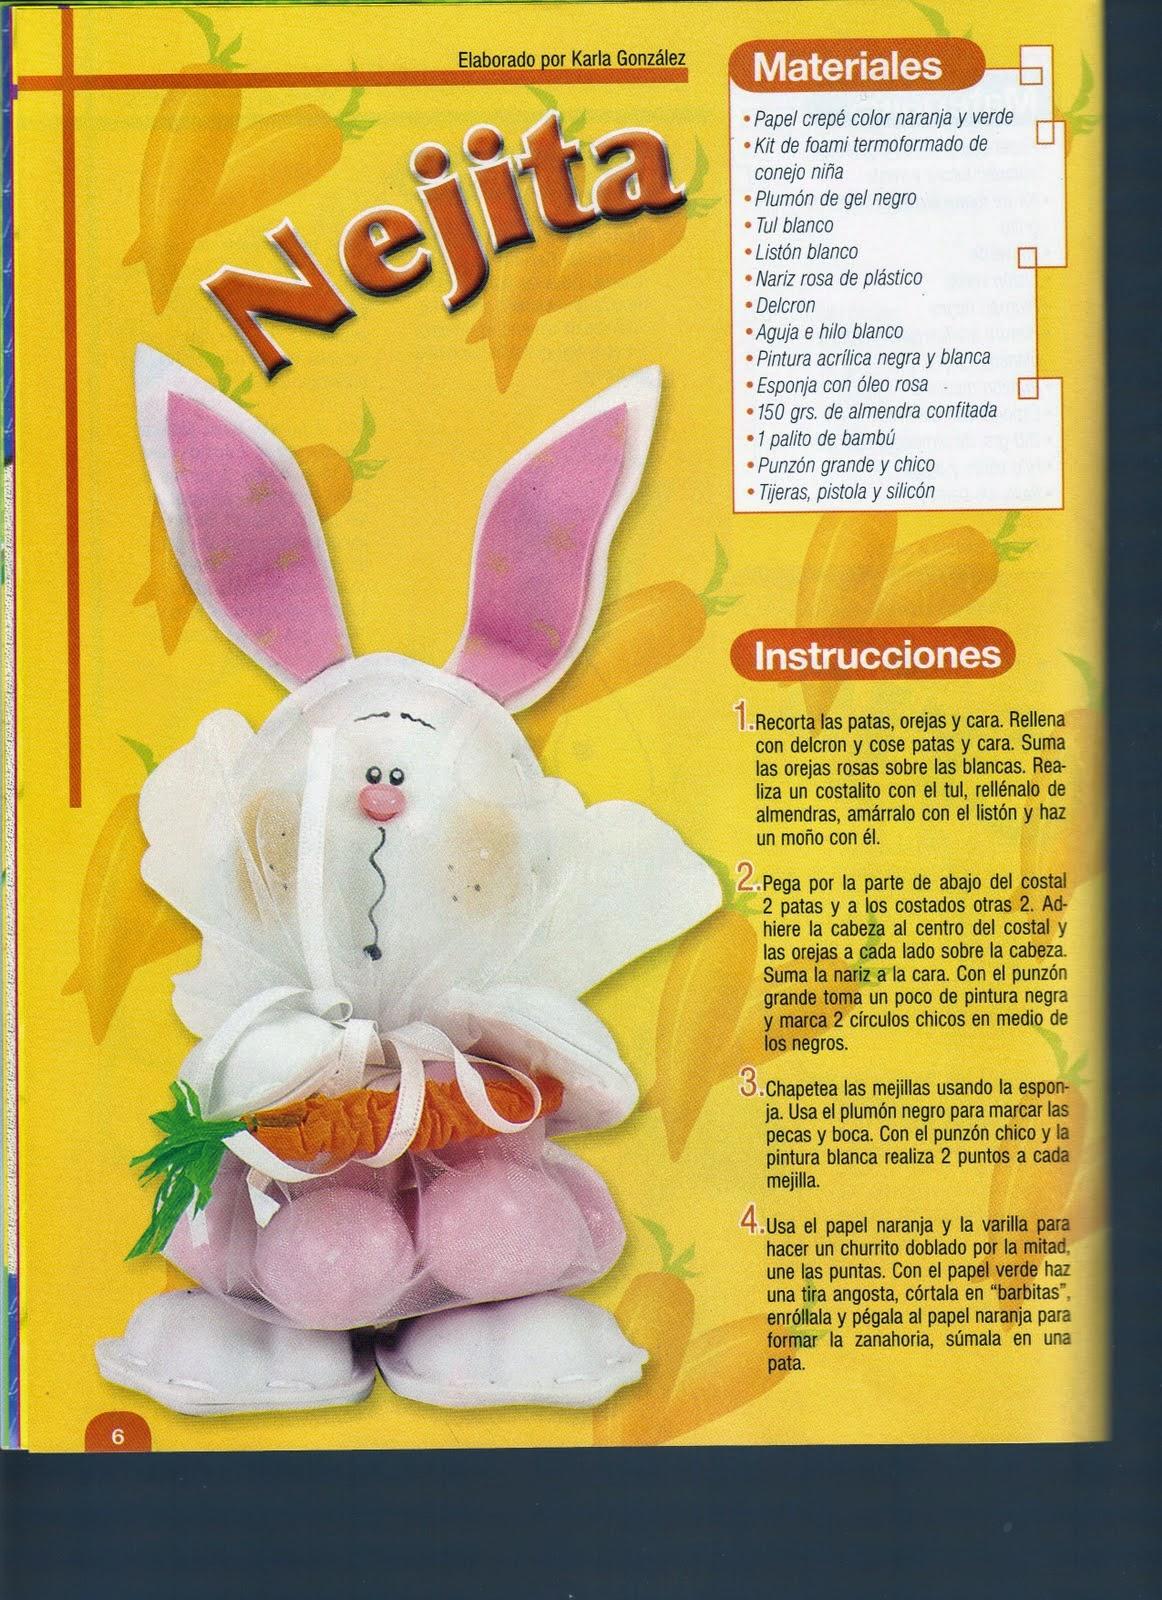 como hacer muñecos en papel crepe - <datvara:blog.title></datvara ...